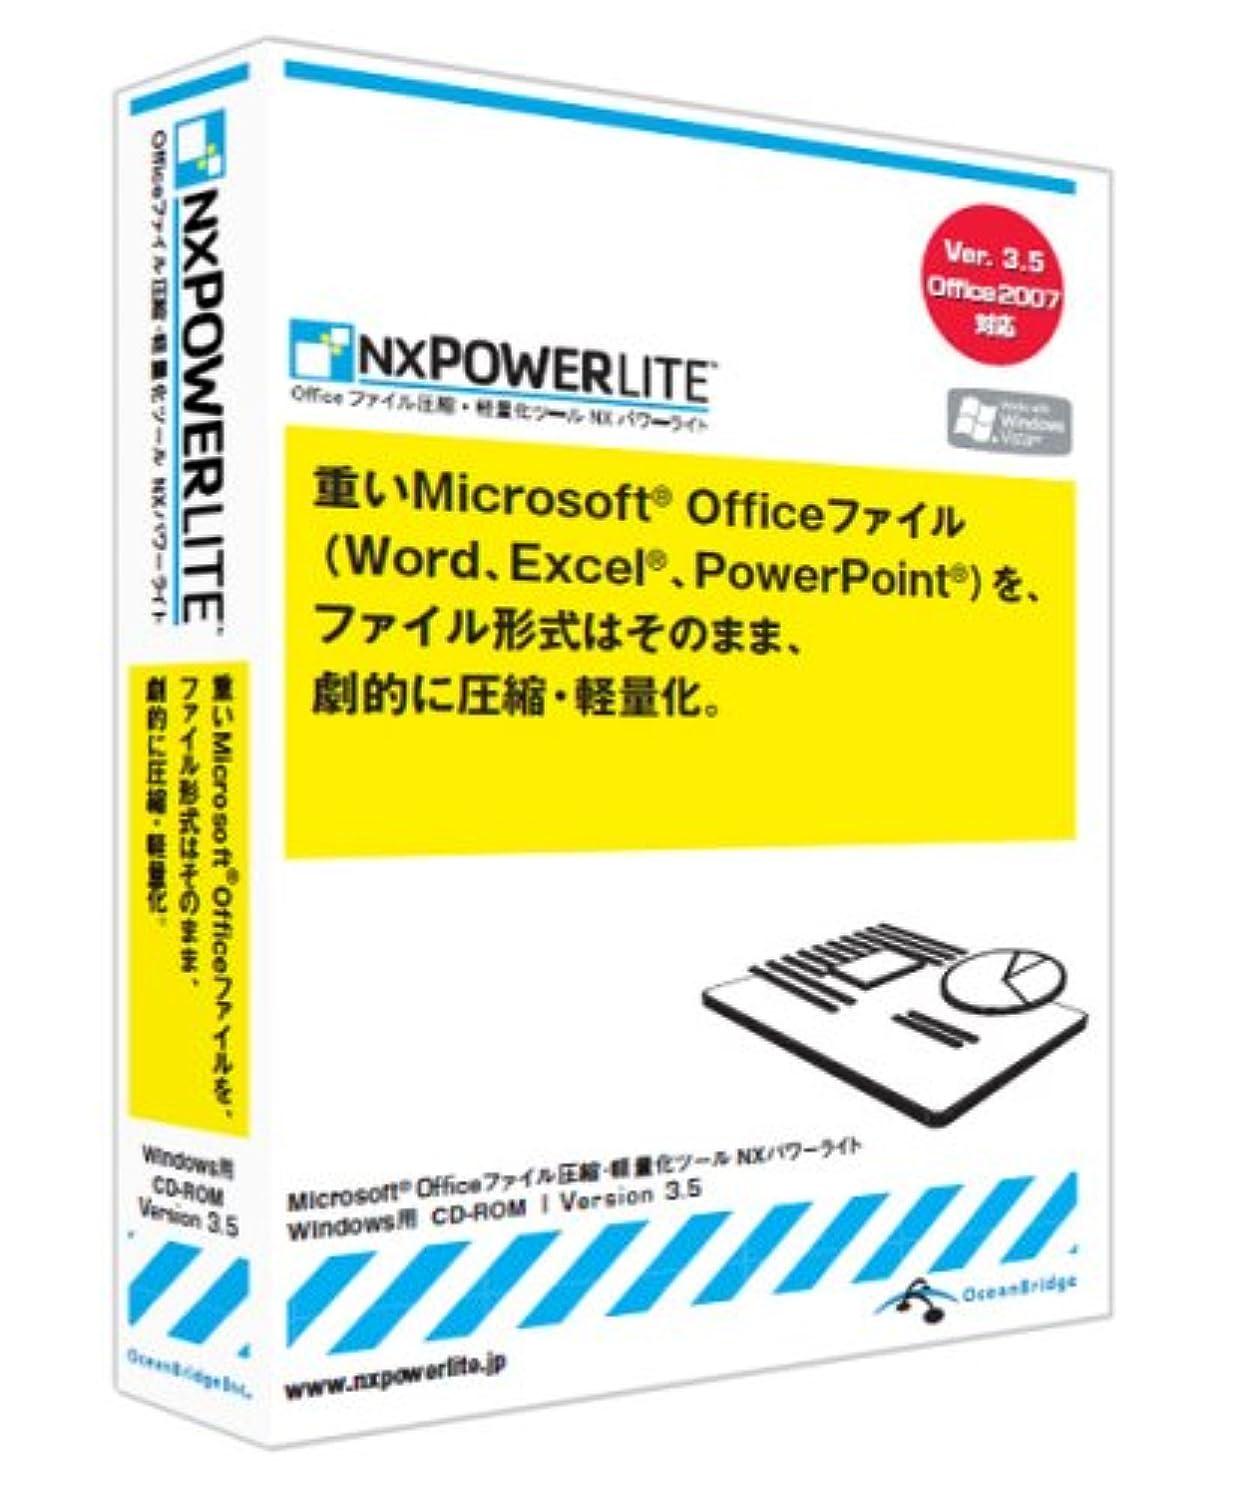 光寄稿者背の高いNXPowerLite 3.5 パッケージ版 1ライセンス